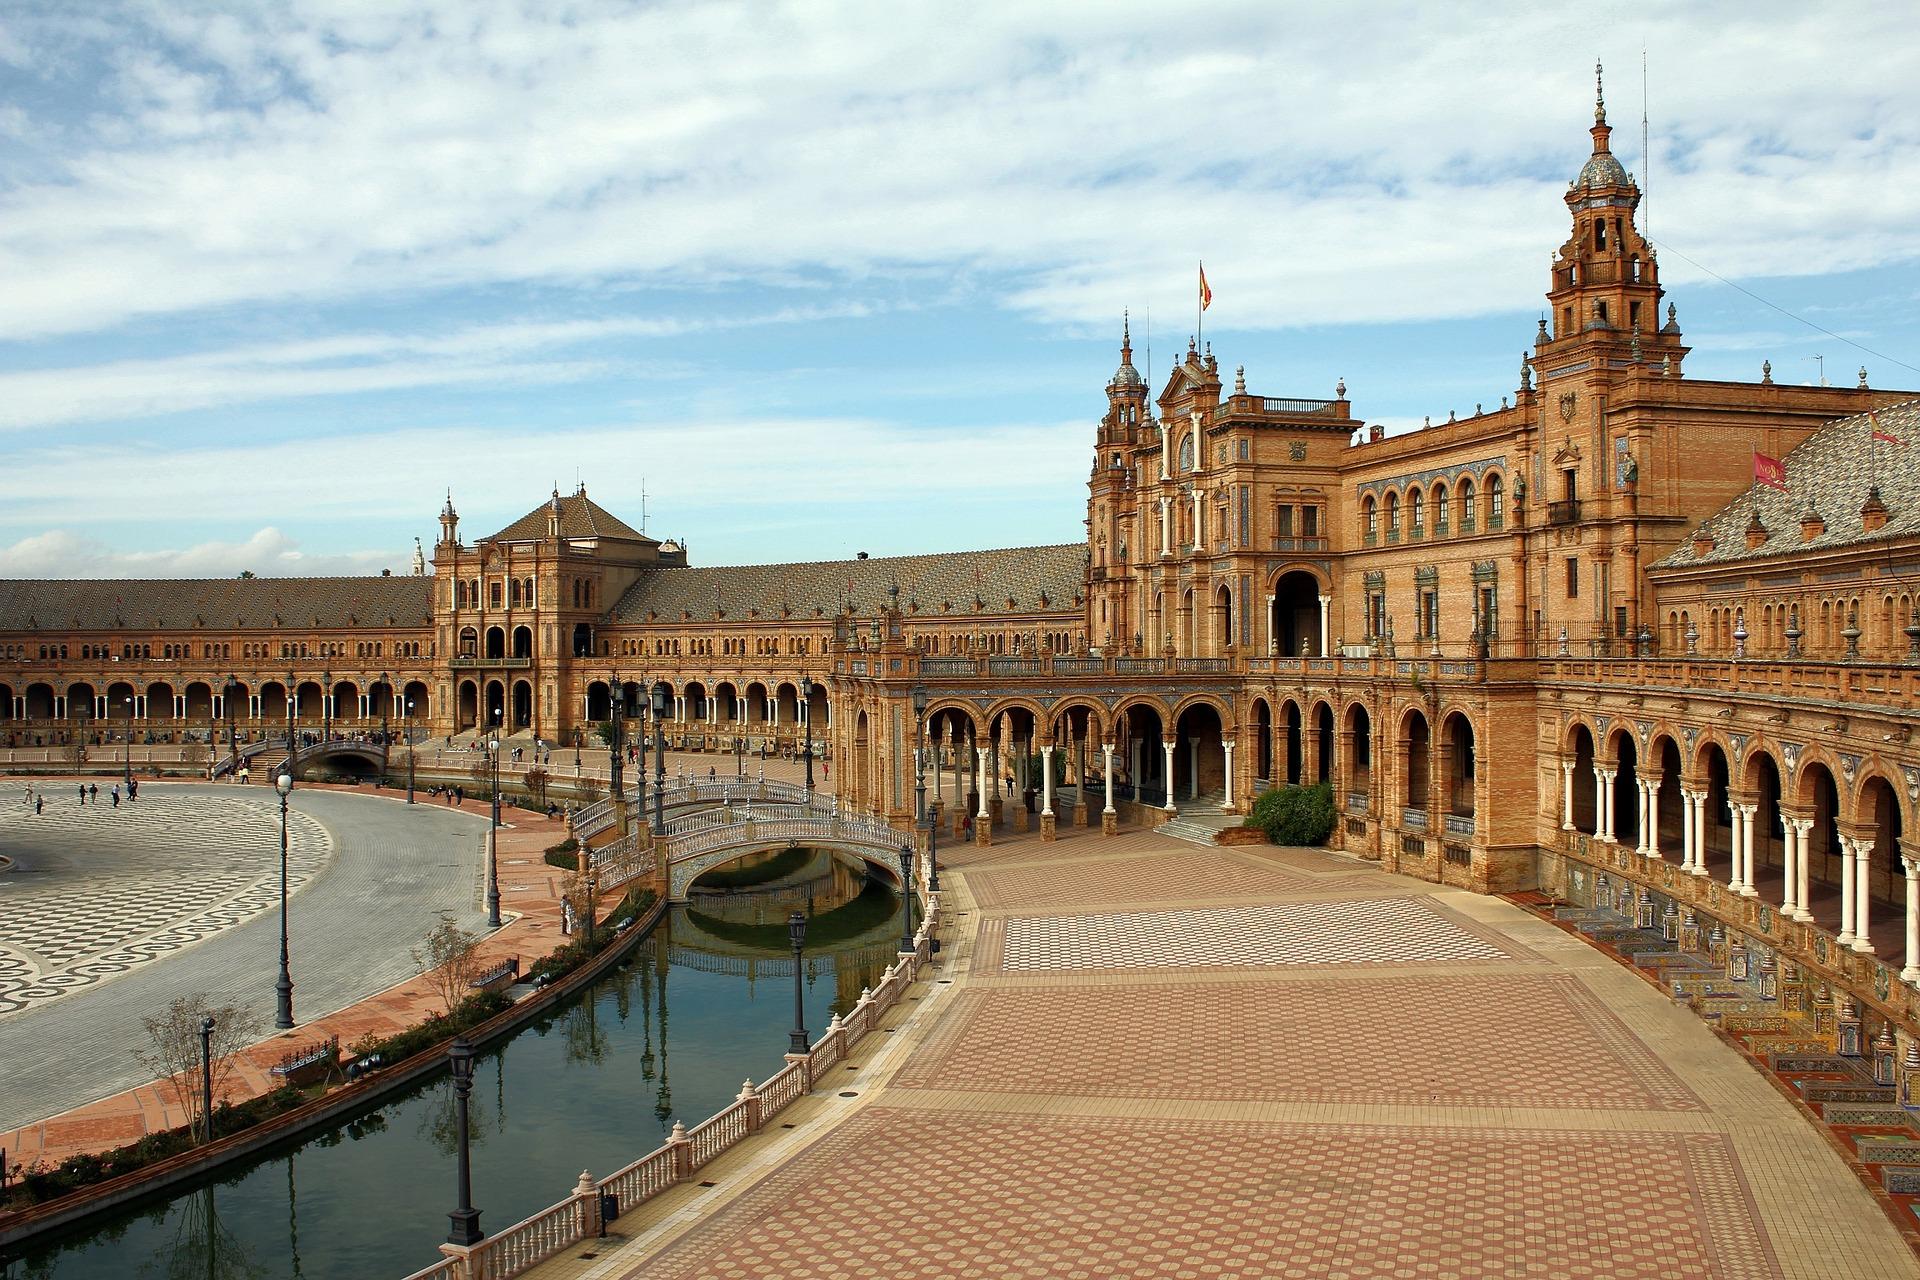 plaza-de-espana-1644624_1920.jpg